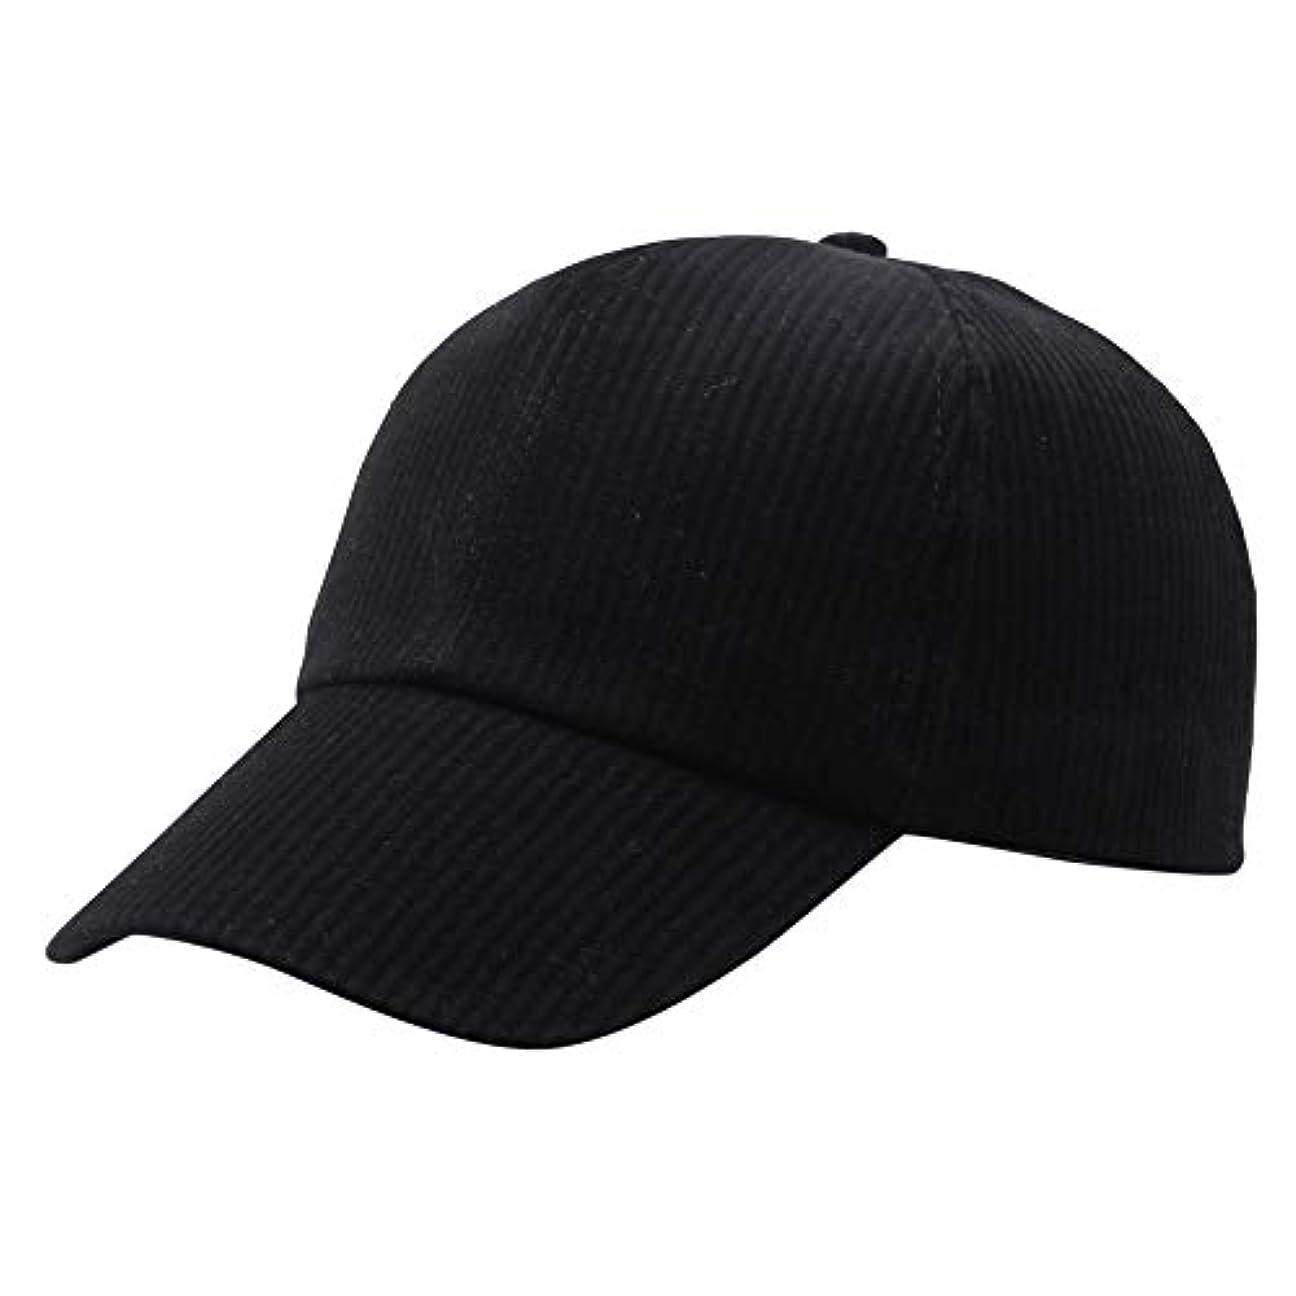 問題ヒューバートハドソン失望させるRacazing Cap コーデュロイ 野球帽 迷彩 夏 登山 通気性のある メッシュ 帽子 ベルクロ 可調整可能 ストライプ 刺繍 棒球帽 UV 帽子 軽量 屋外 Unisex Hat (B)